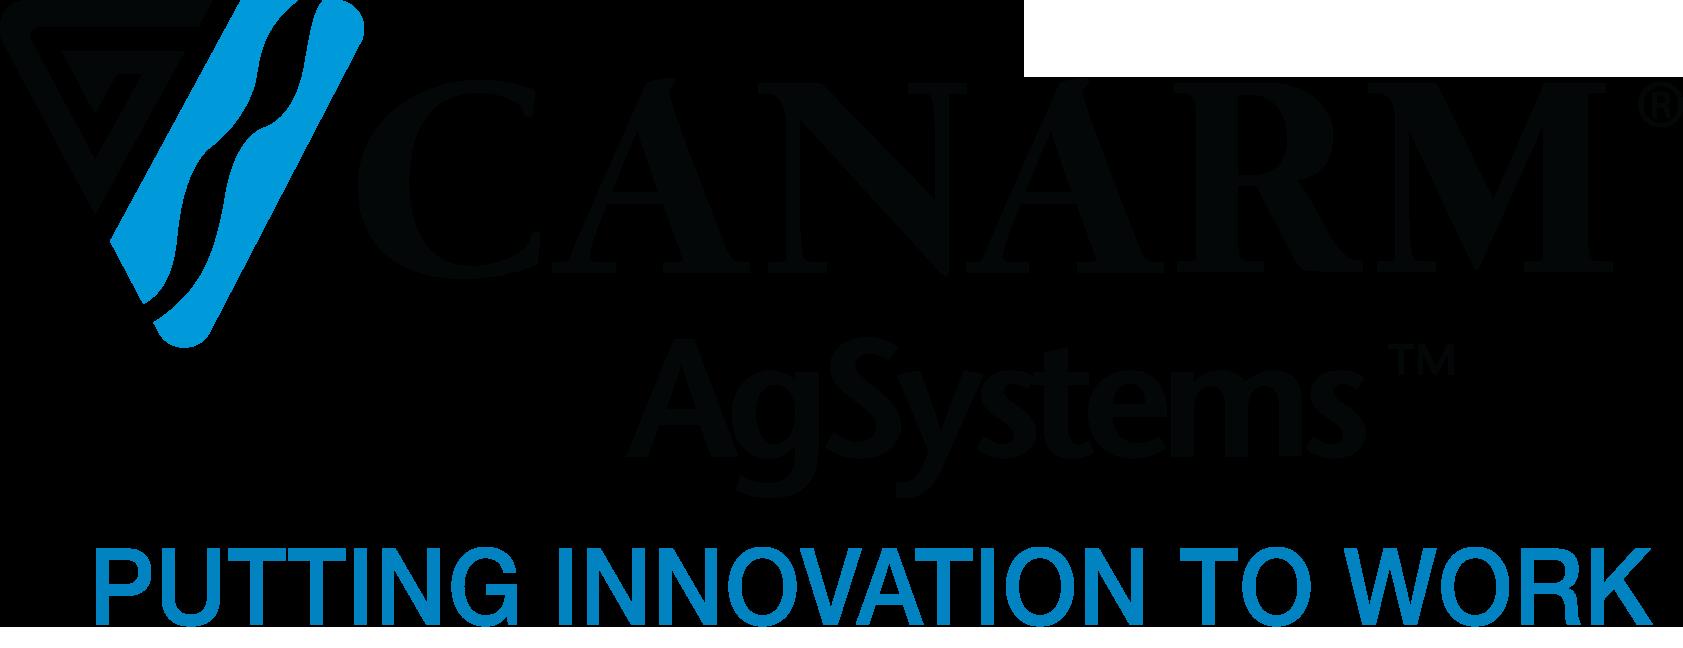 CANARM Ag Systems